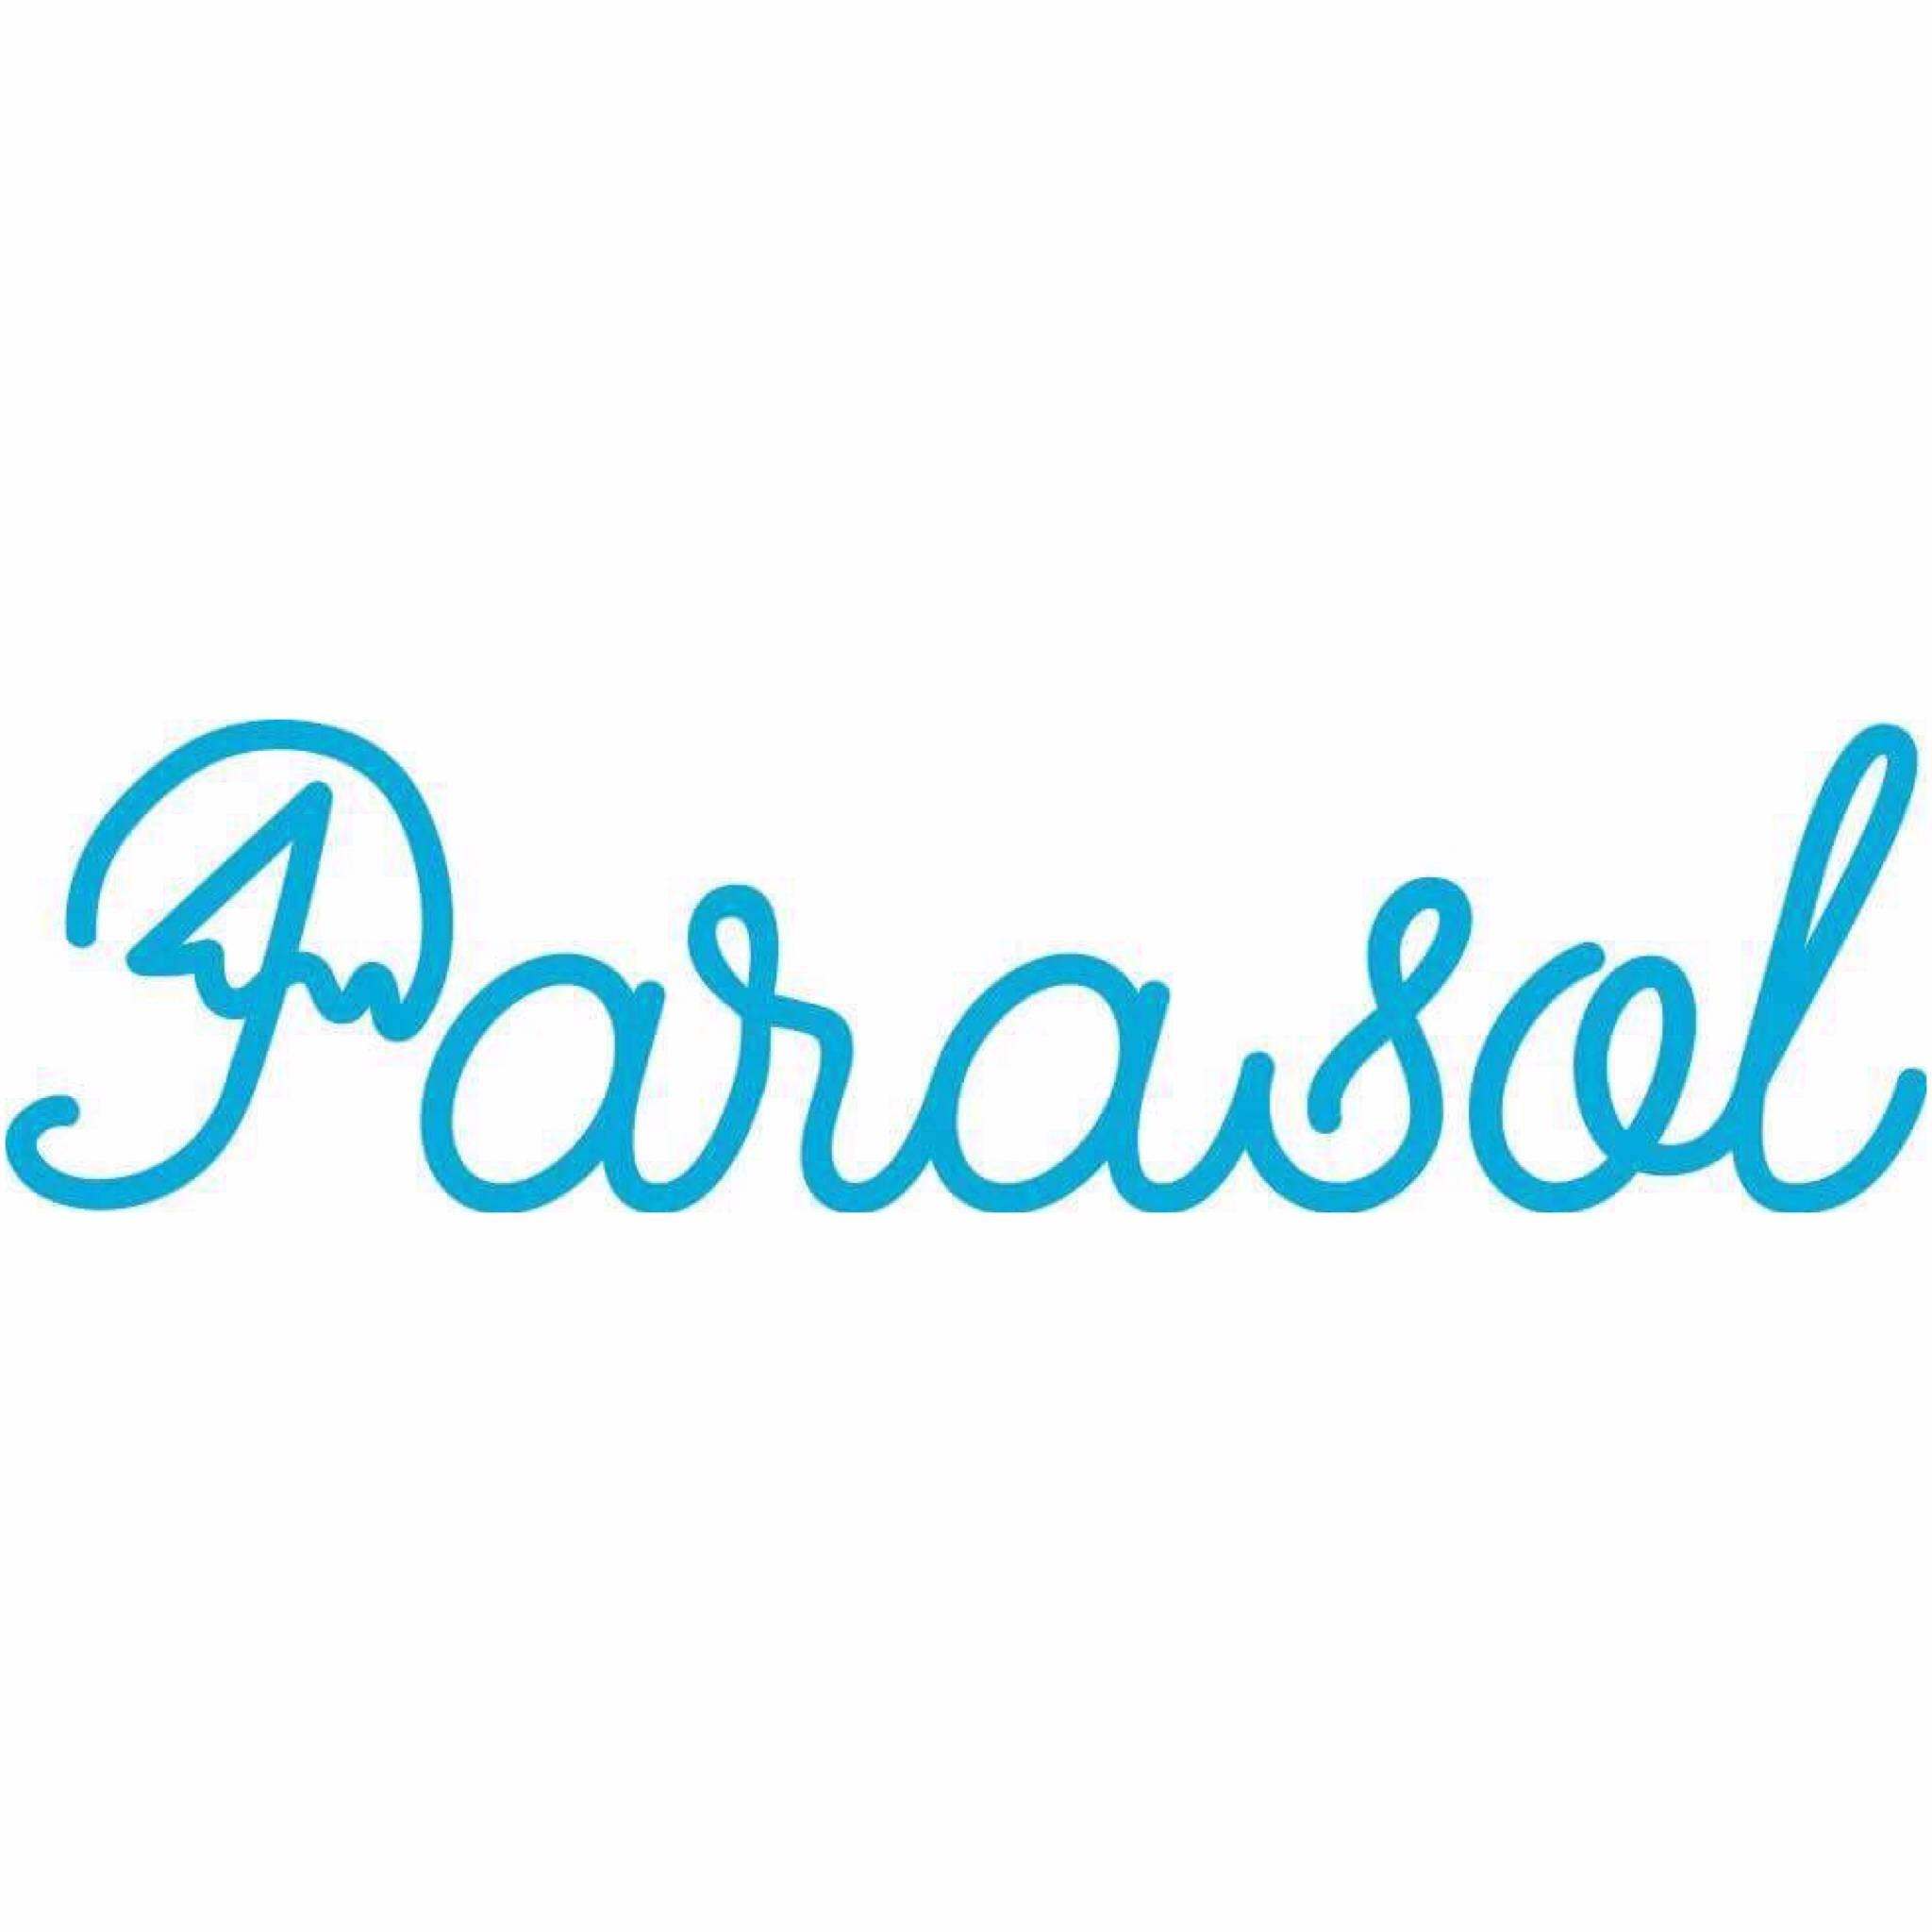 株式会社Parasolの急成長中!恋活メディアの編集長アシスタント募集!有名インフルエンサーとのやり取りから記事編集や採用まで何でもできる!のサムネイル画像